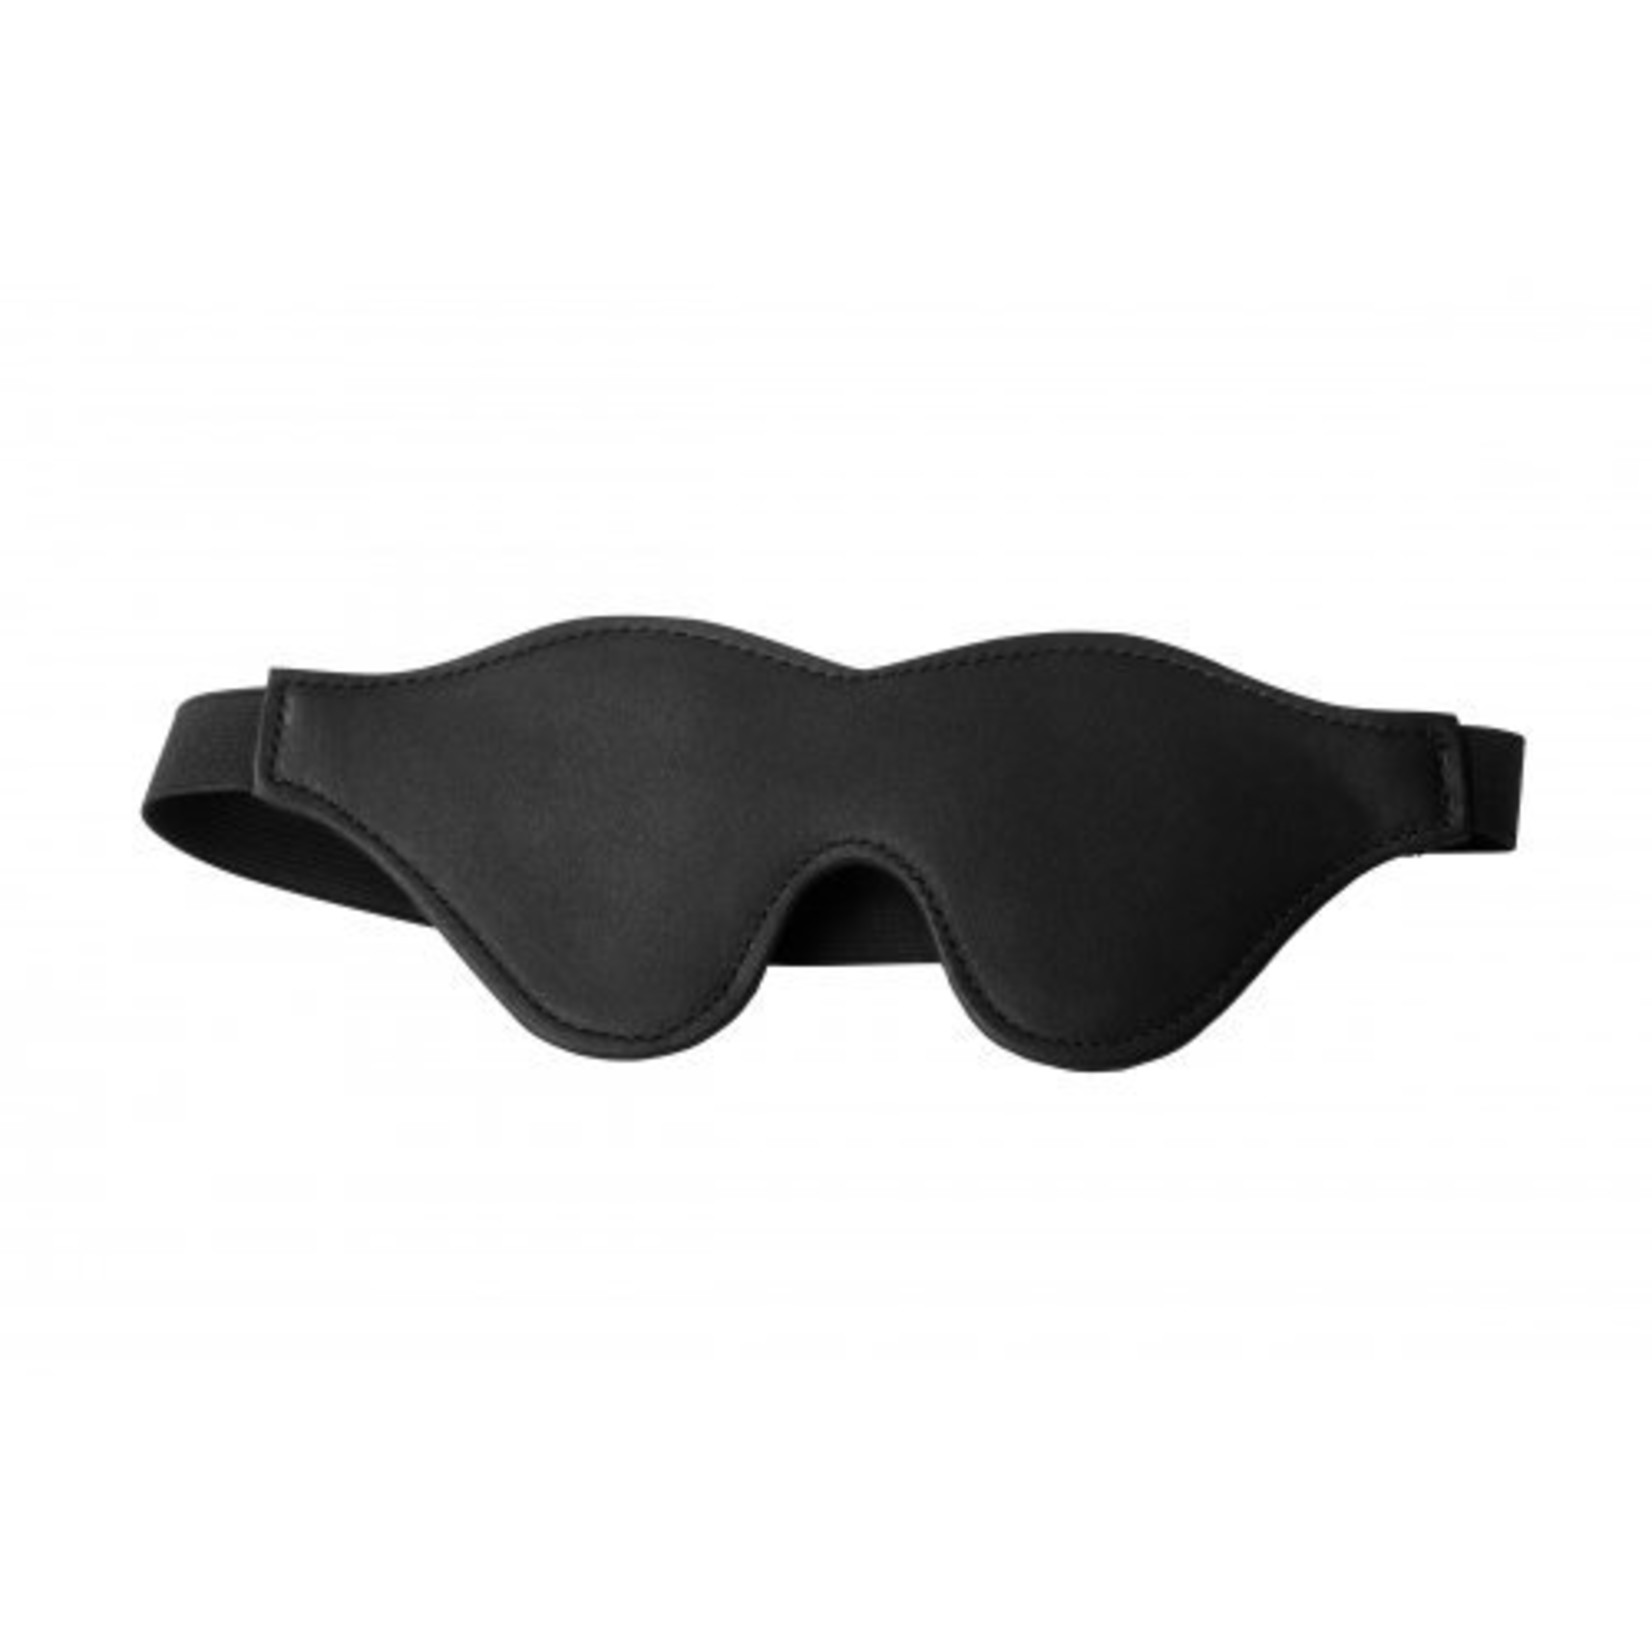 Strict Black Fleece Lined Blindfold